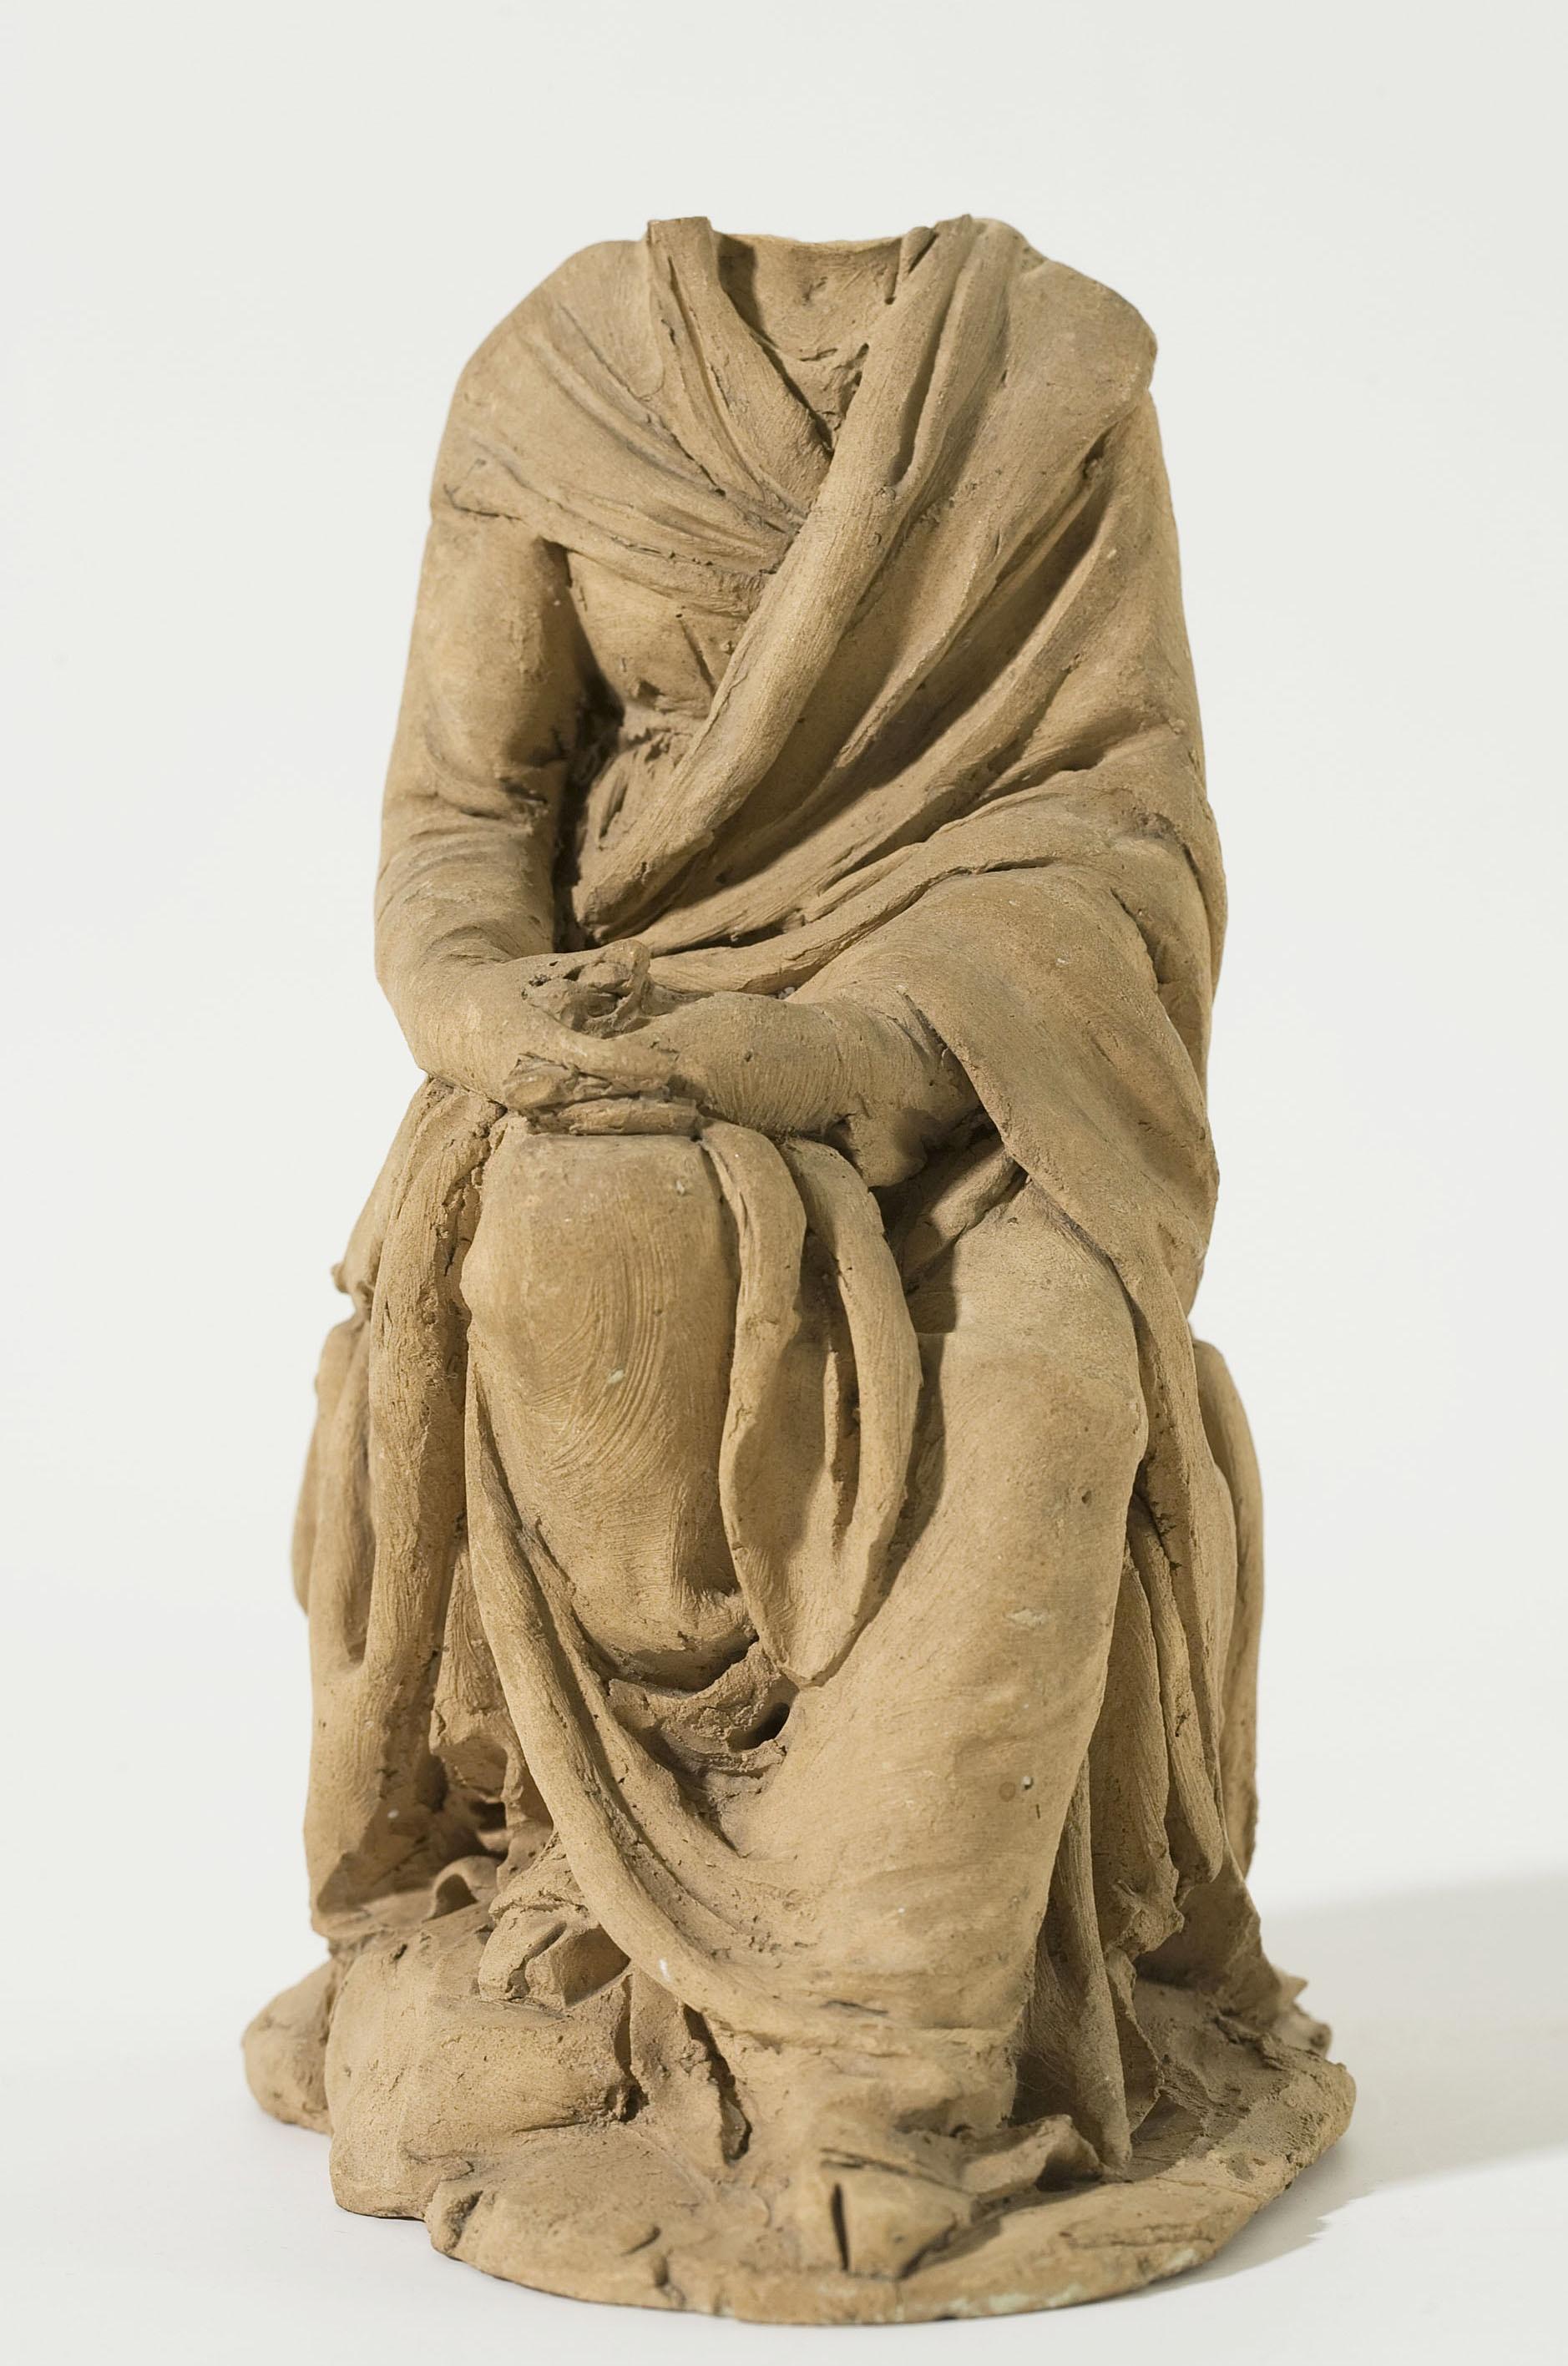 Damià Campeny - Mare de Déu - 1816